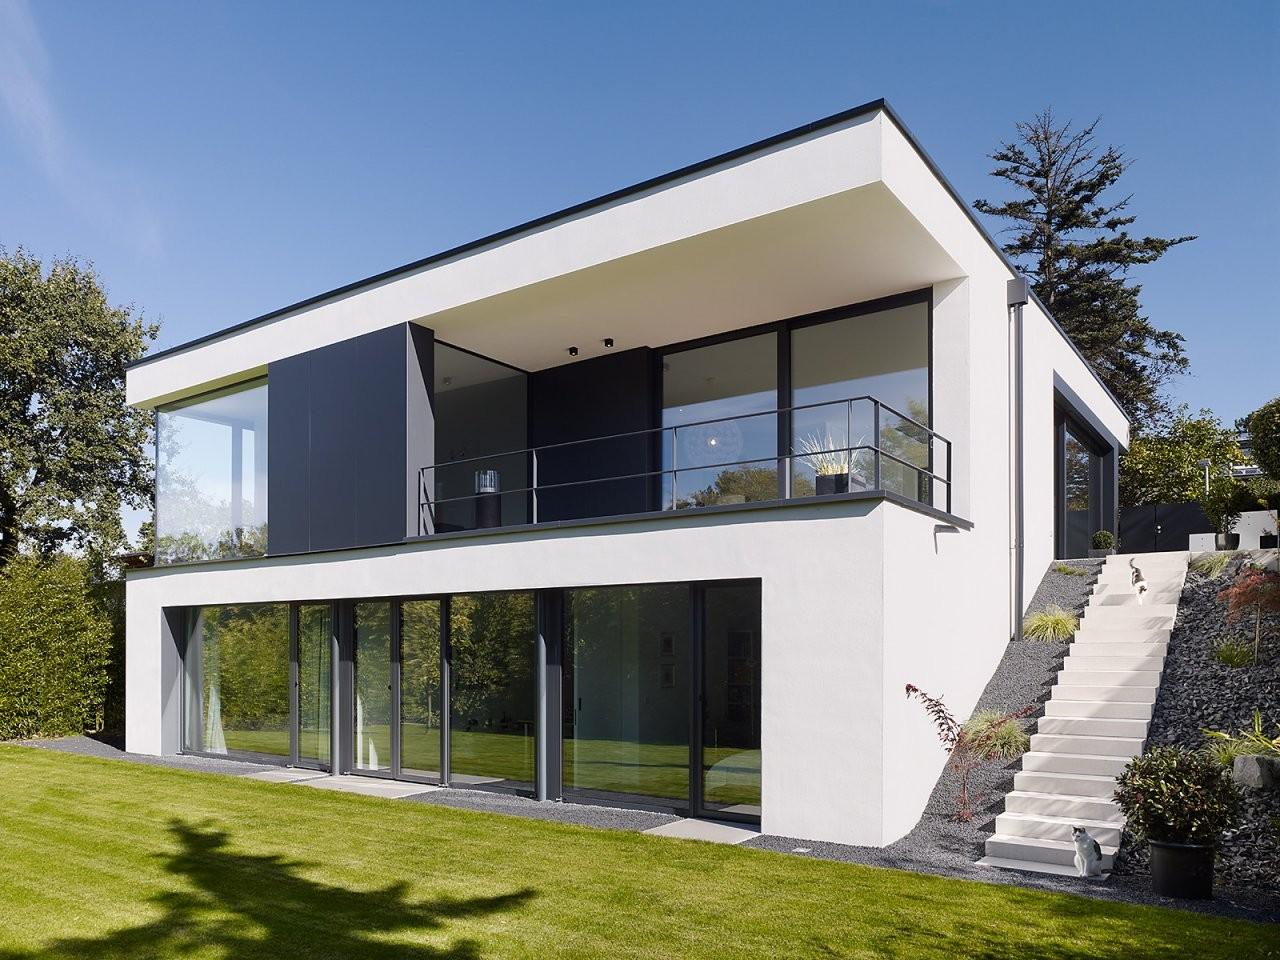 Einfamilienhaus Am Hang von Einfamilienhaus Am Hang Grundrisse Photo